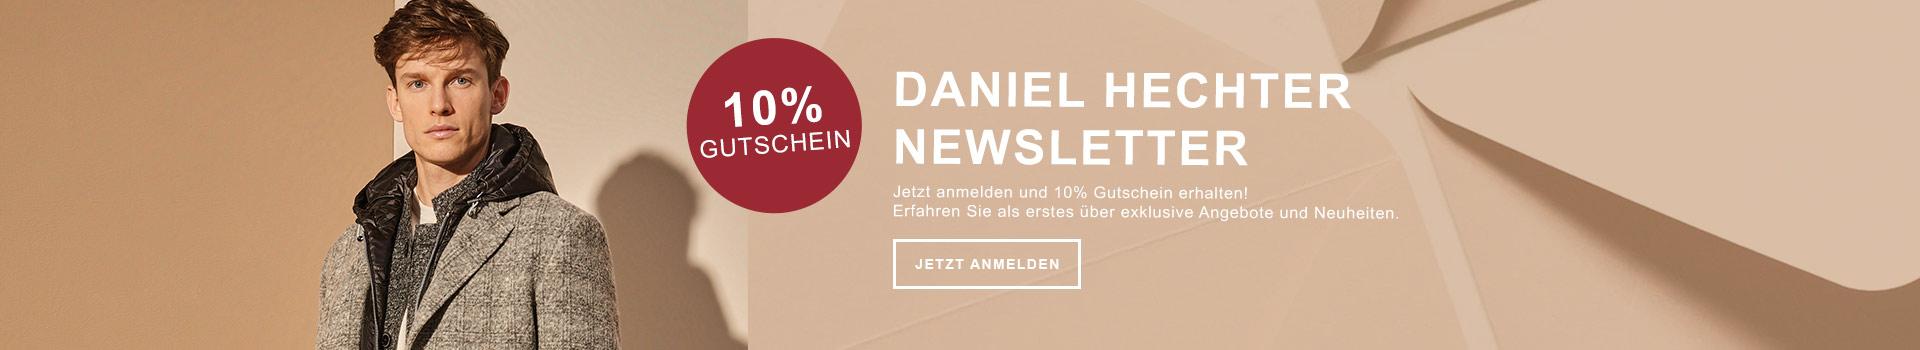 Erhalten Sie 10% Rabatt zur Newsletteranmeldung